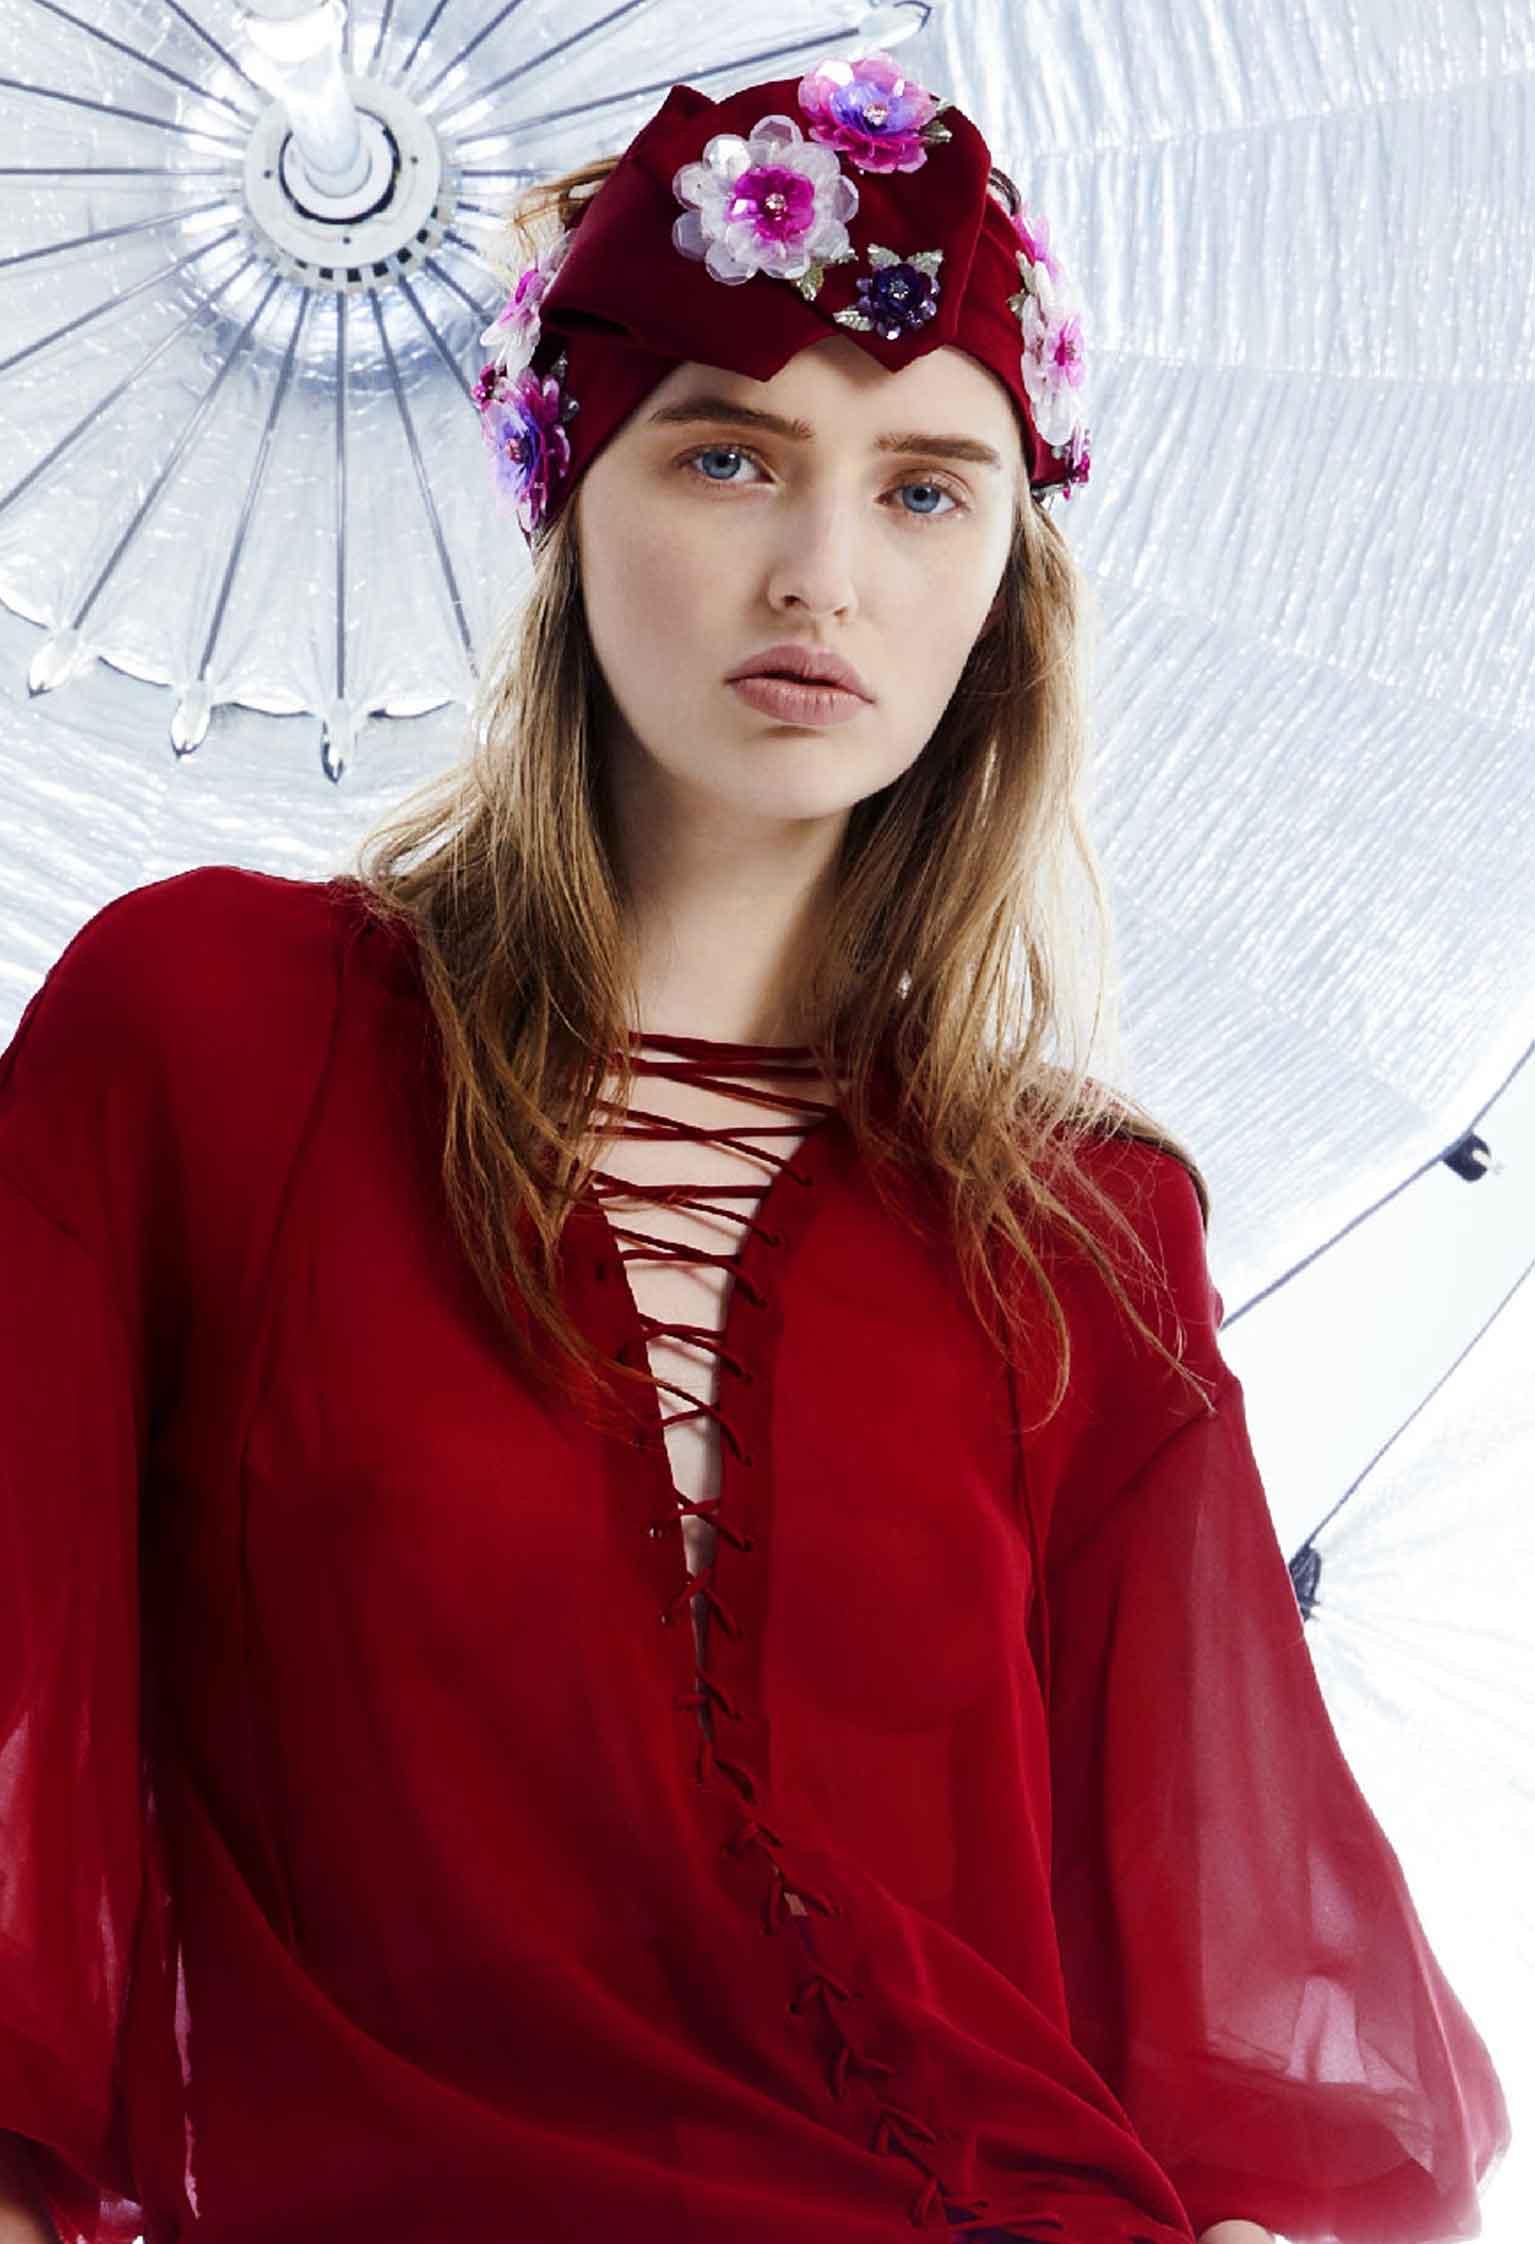 Emanuel Ungaro круизная коллекция 2018 красная блузка